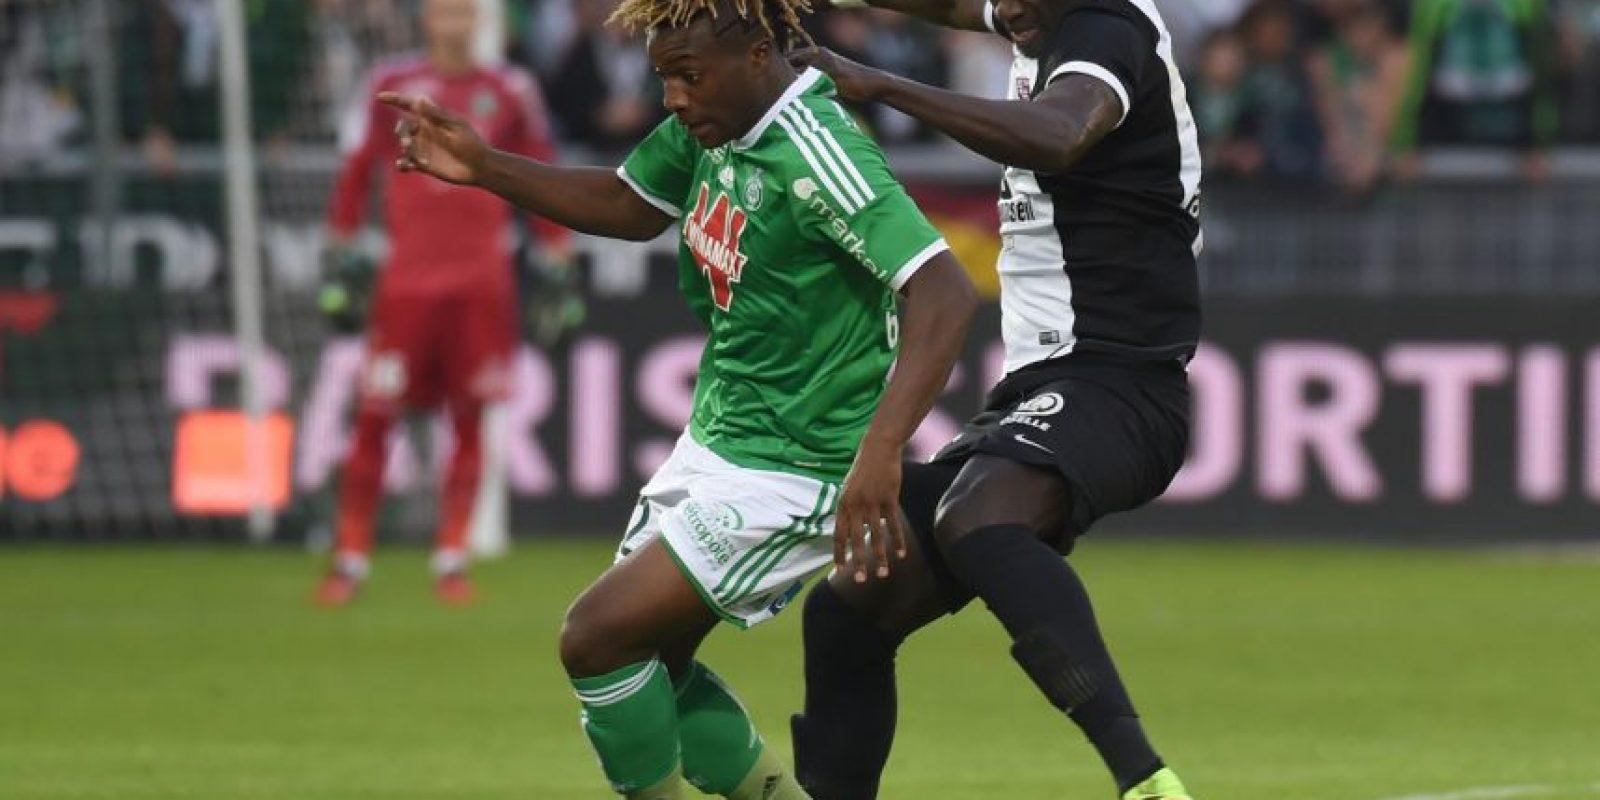 38. Allan Saint-Maximin. Delantero de 17 del Saint-Etienne que con su fuerza y velocidad ya llama la atención en la Ligue 1 Foto:Getty